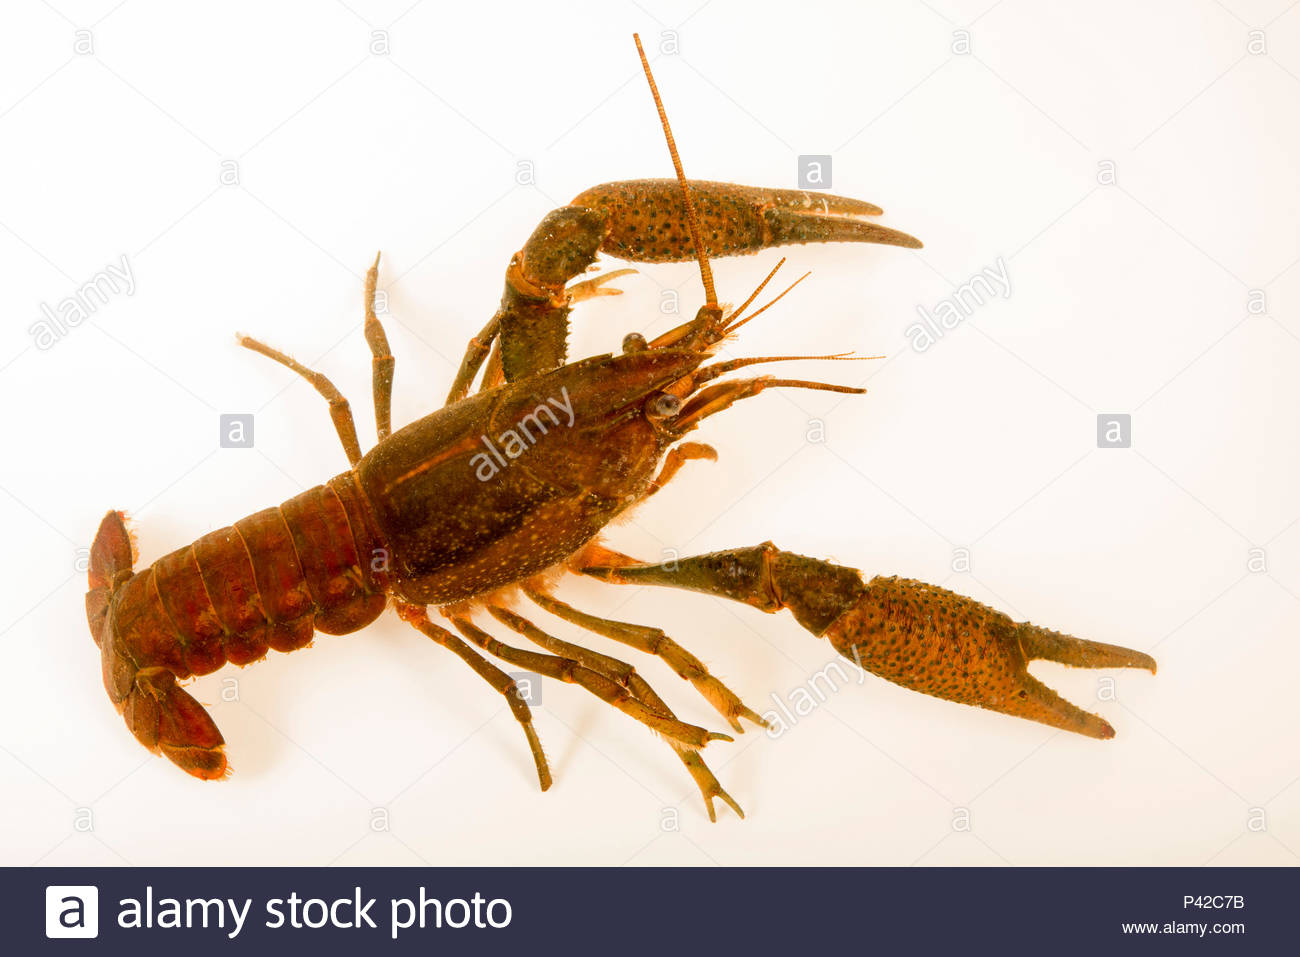 Gamberi fallace, Procambarus fallax, raccolti a Beecher molle eseguire un flusso per motivi di Welaka National Fish Hatchery. Immagini Stock